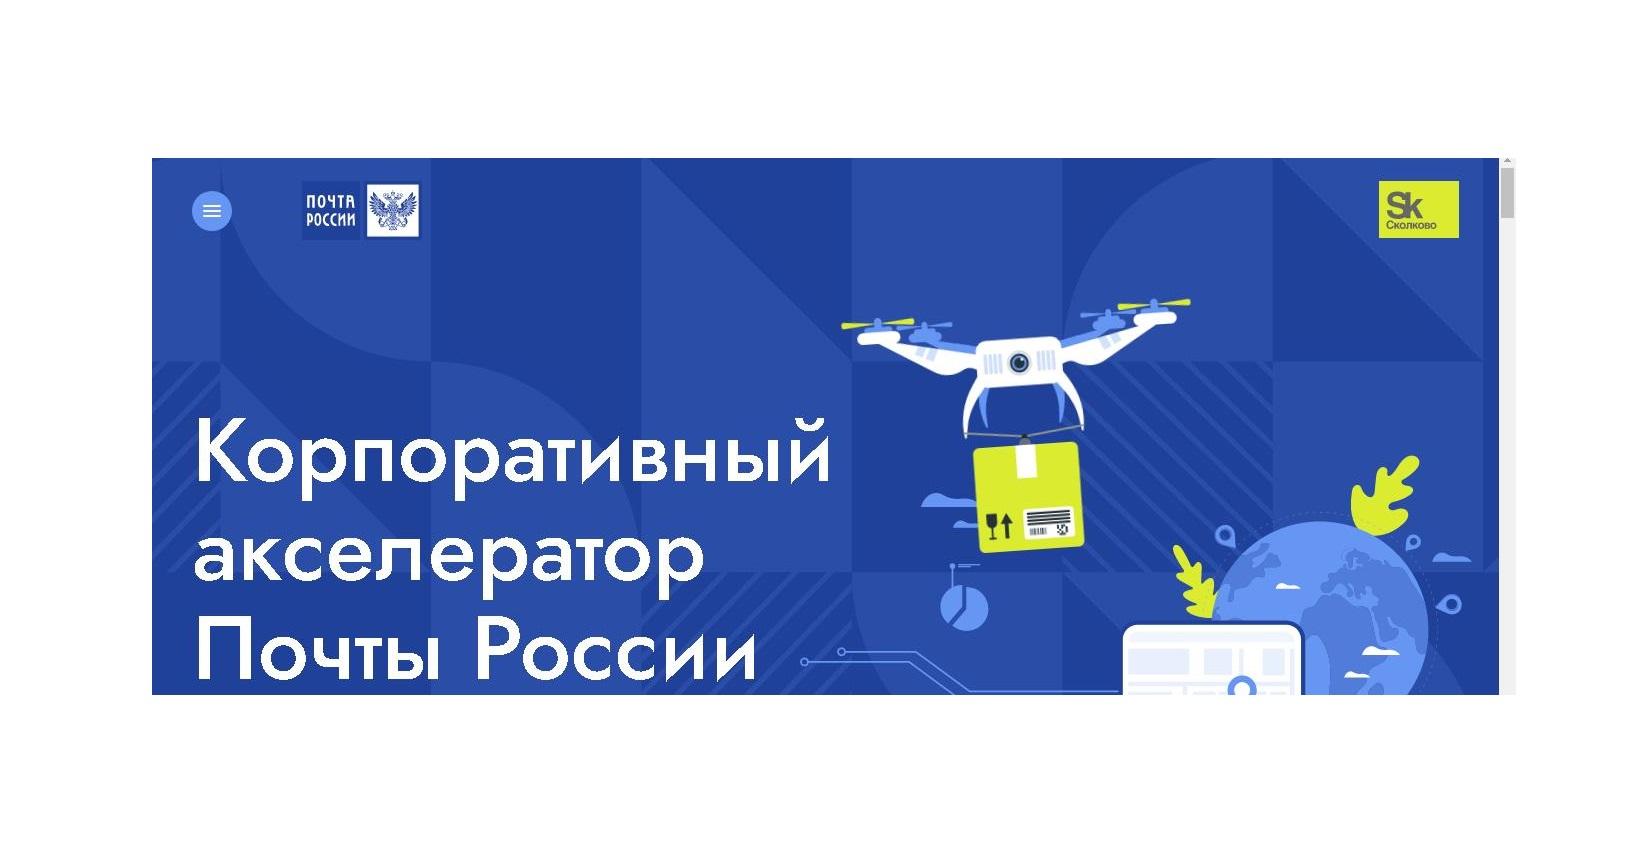 Почта России и Фонд «Сколково» объявляют отбор стартапов в корпоративный акселератор